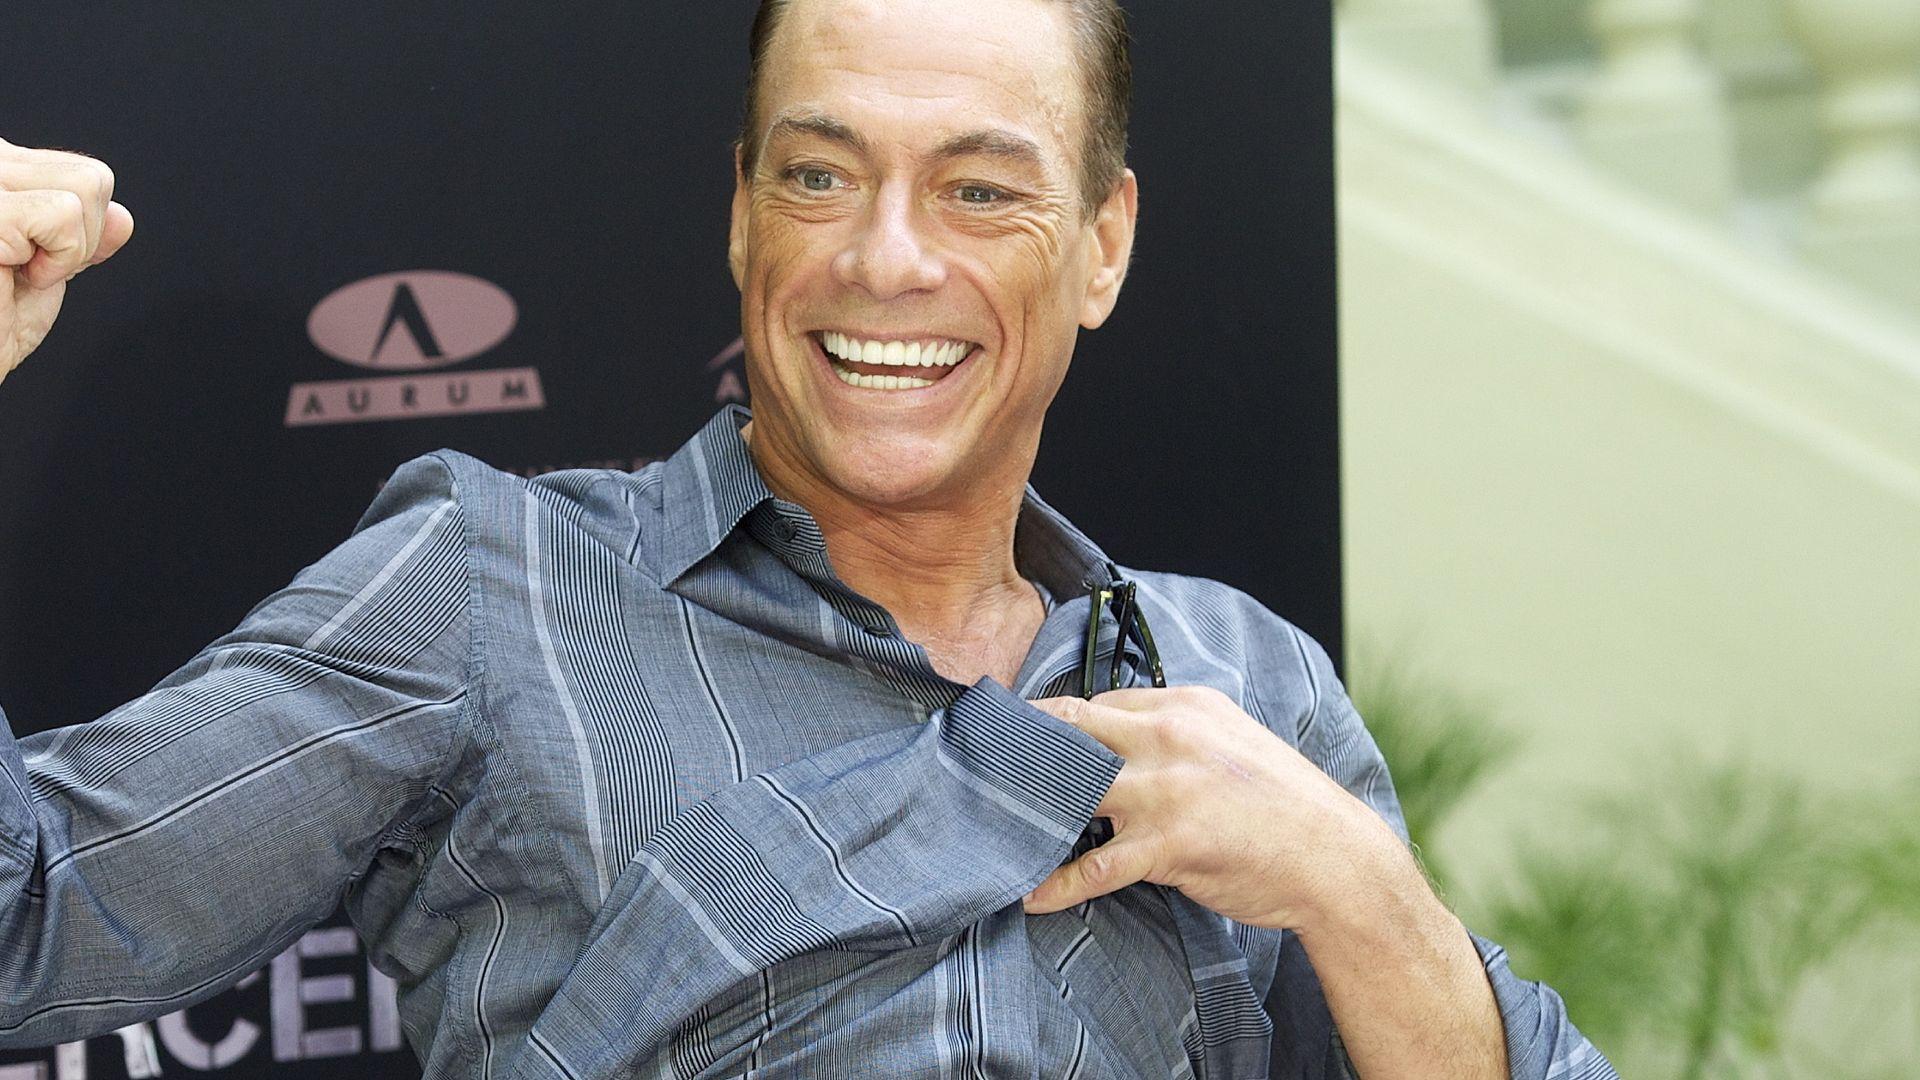 Jean Claude Van Damme Background